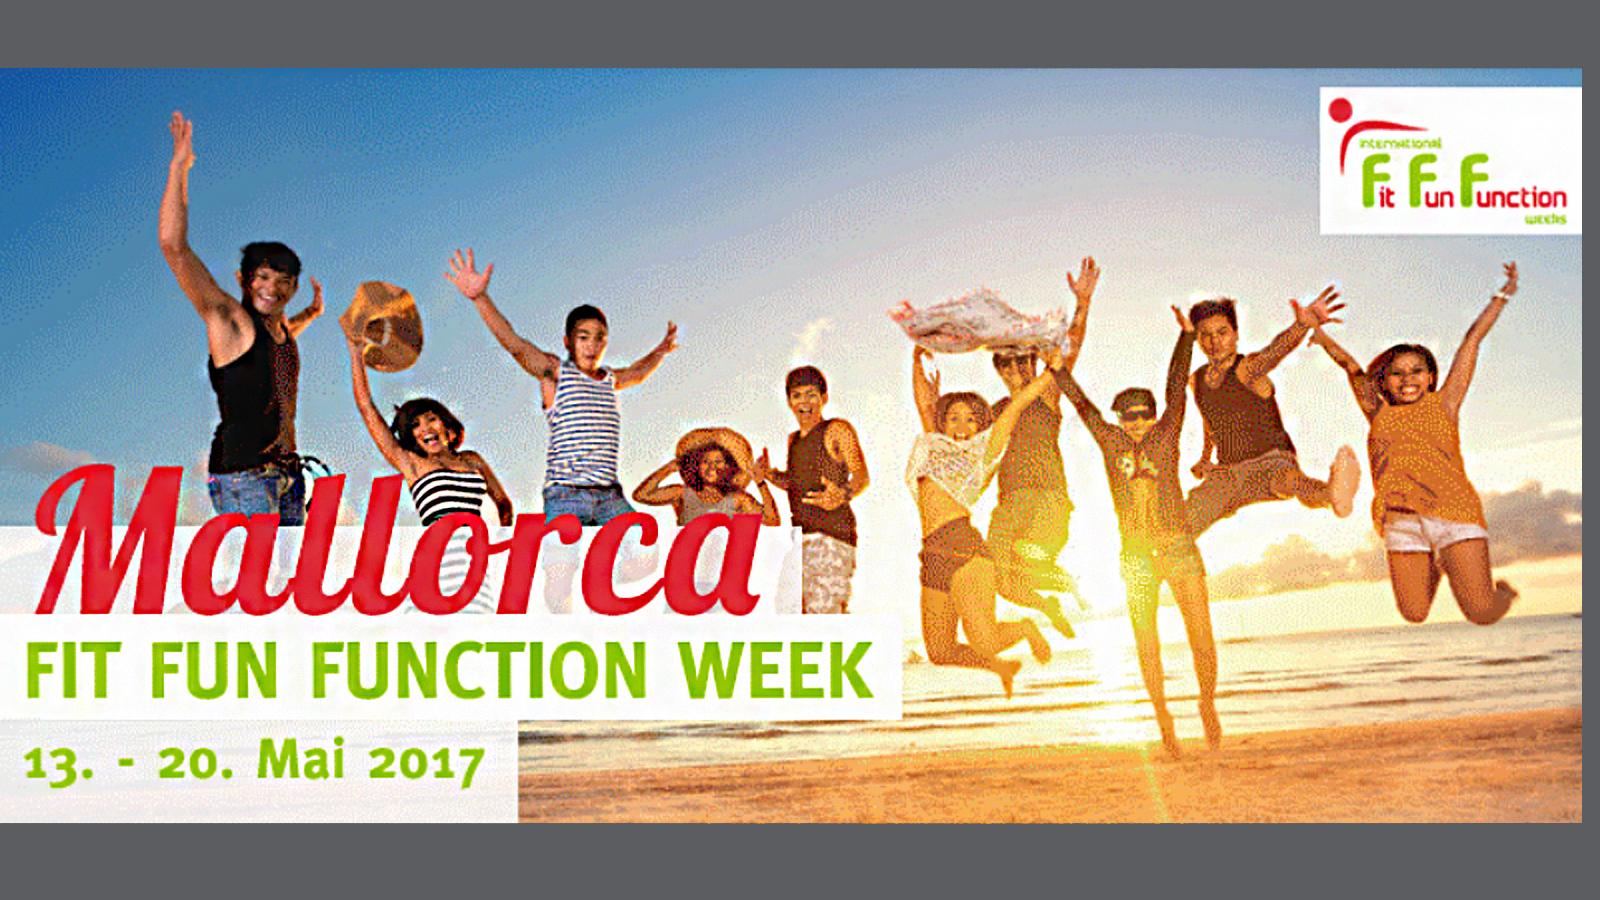 Fit Fun Function Week